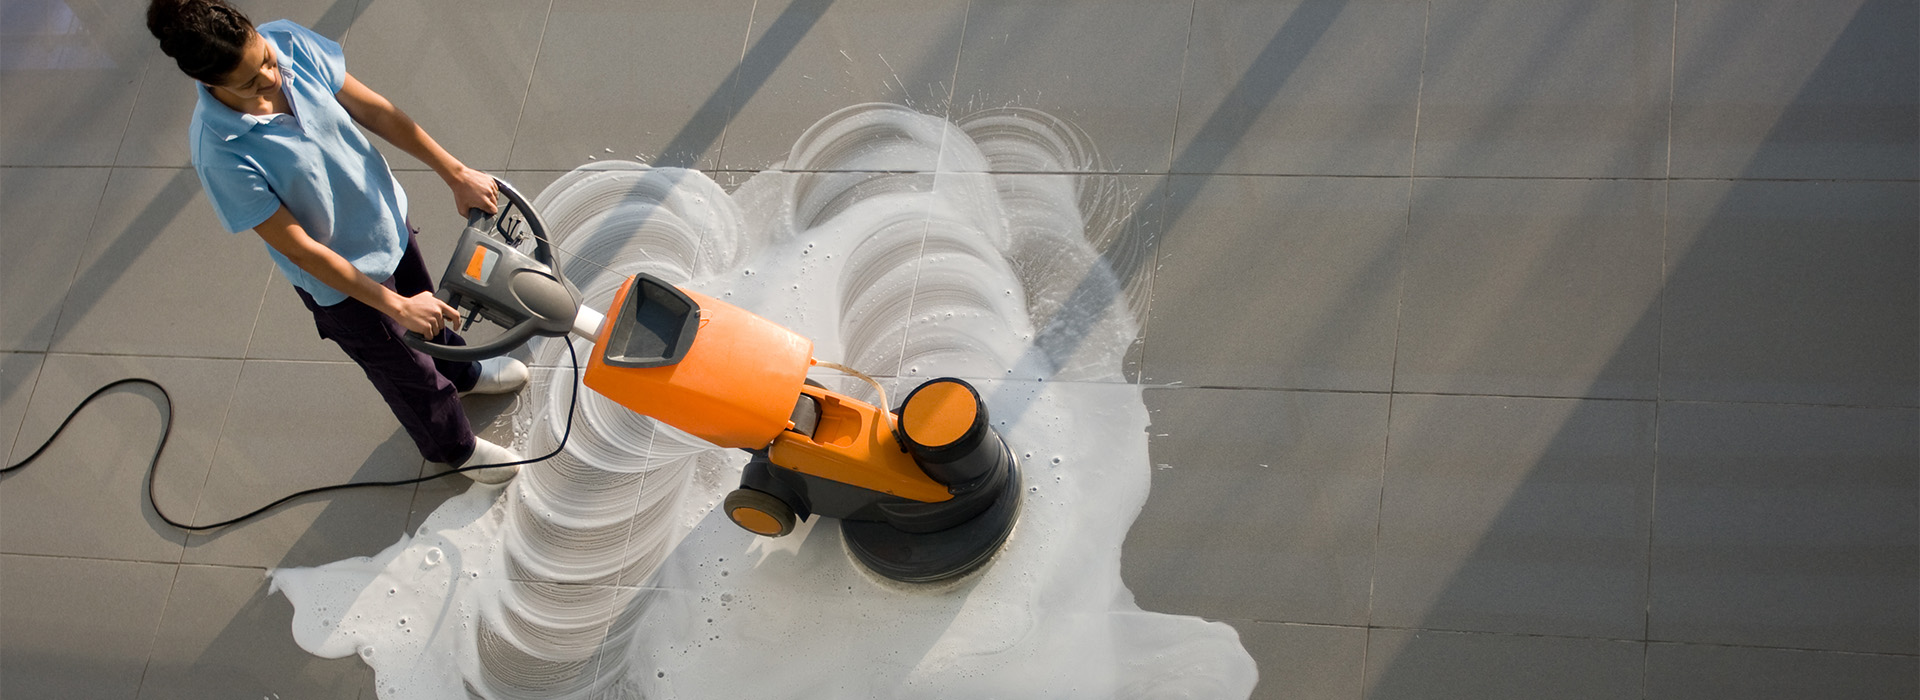 Gebäudereinigung und Hausmeister